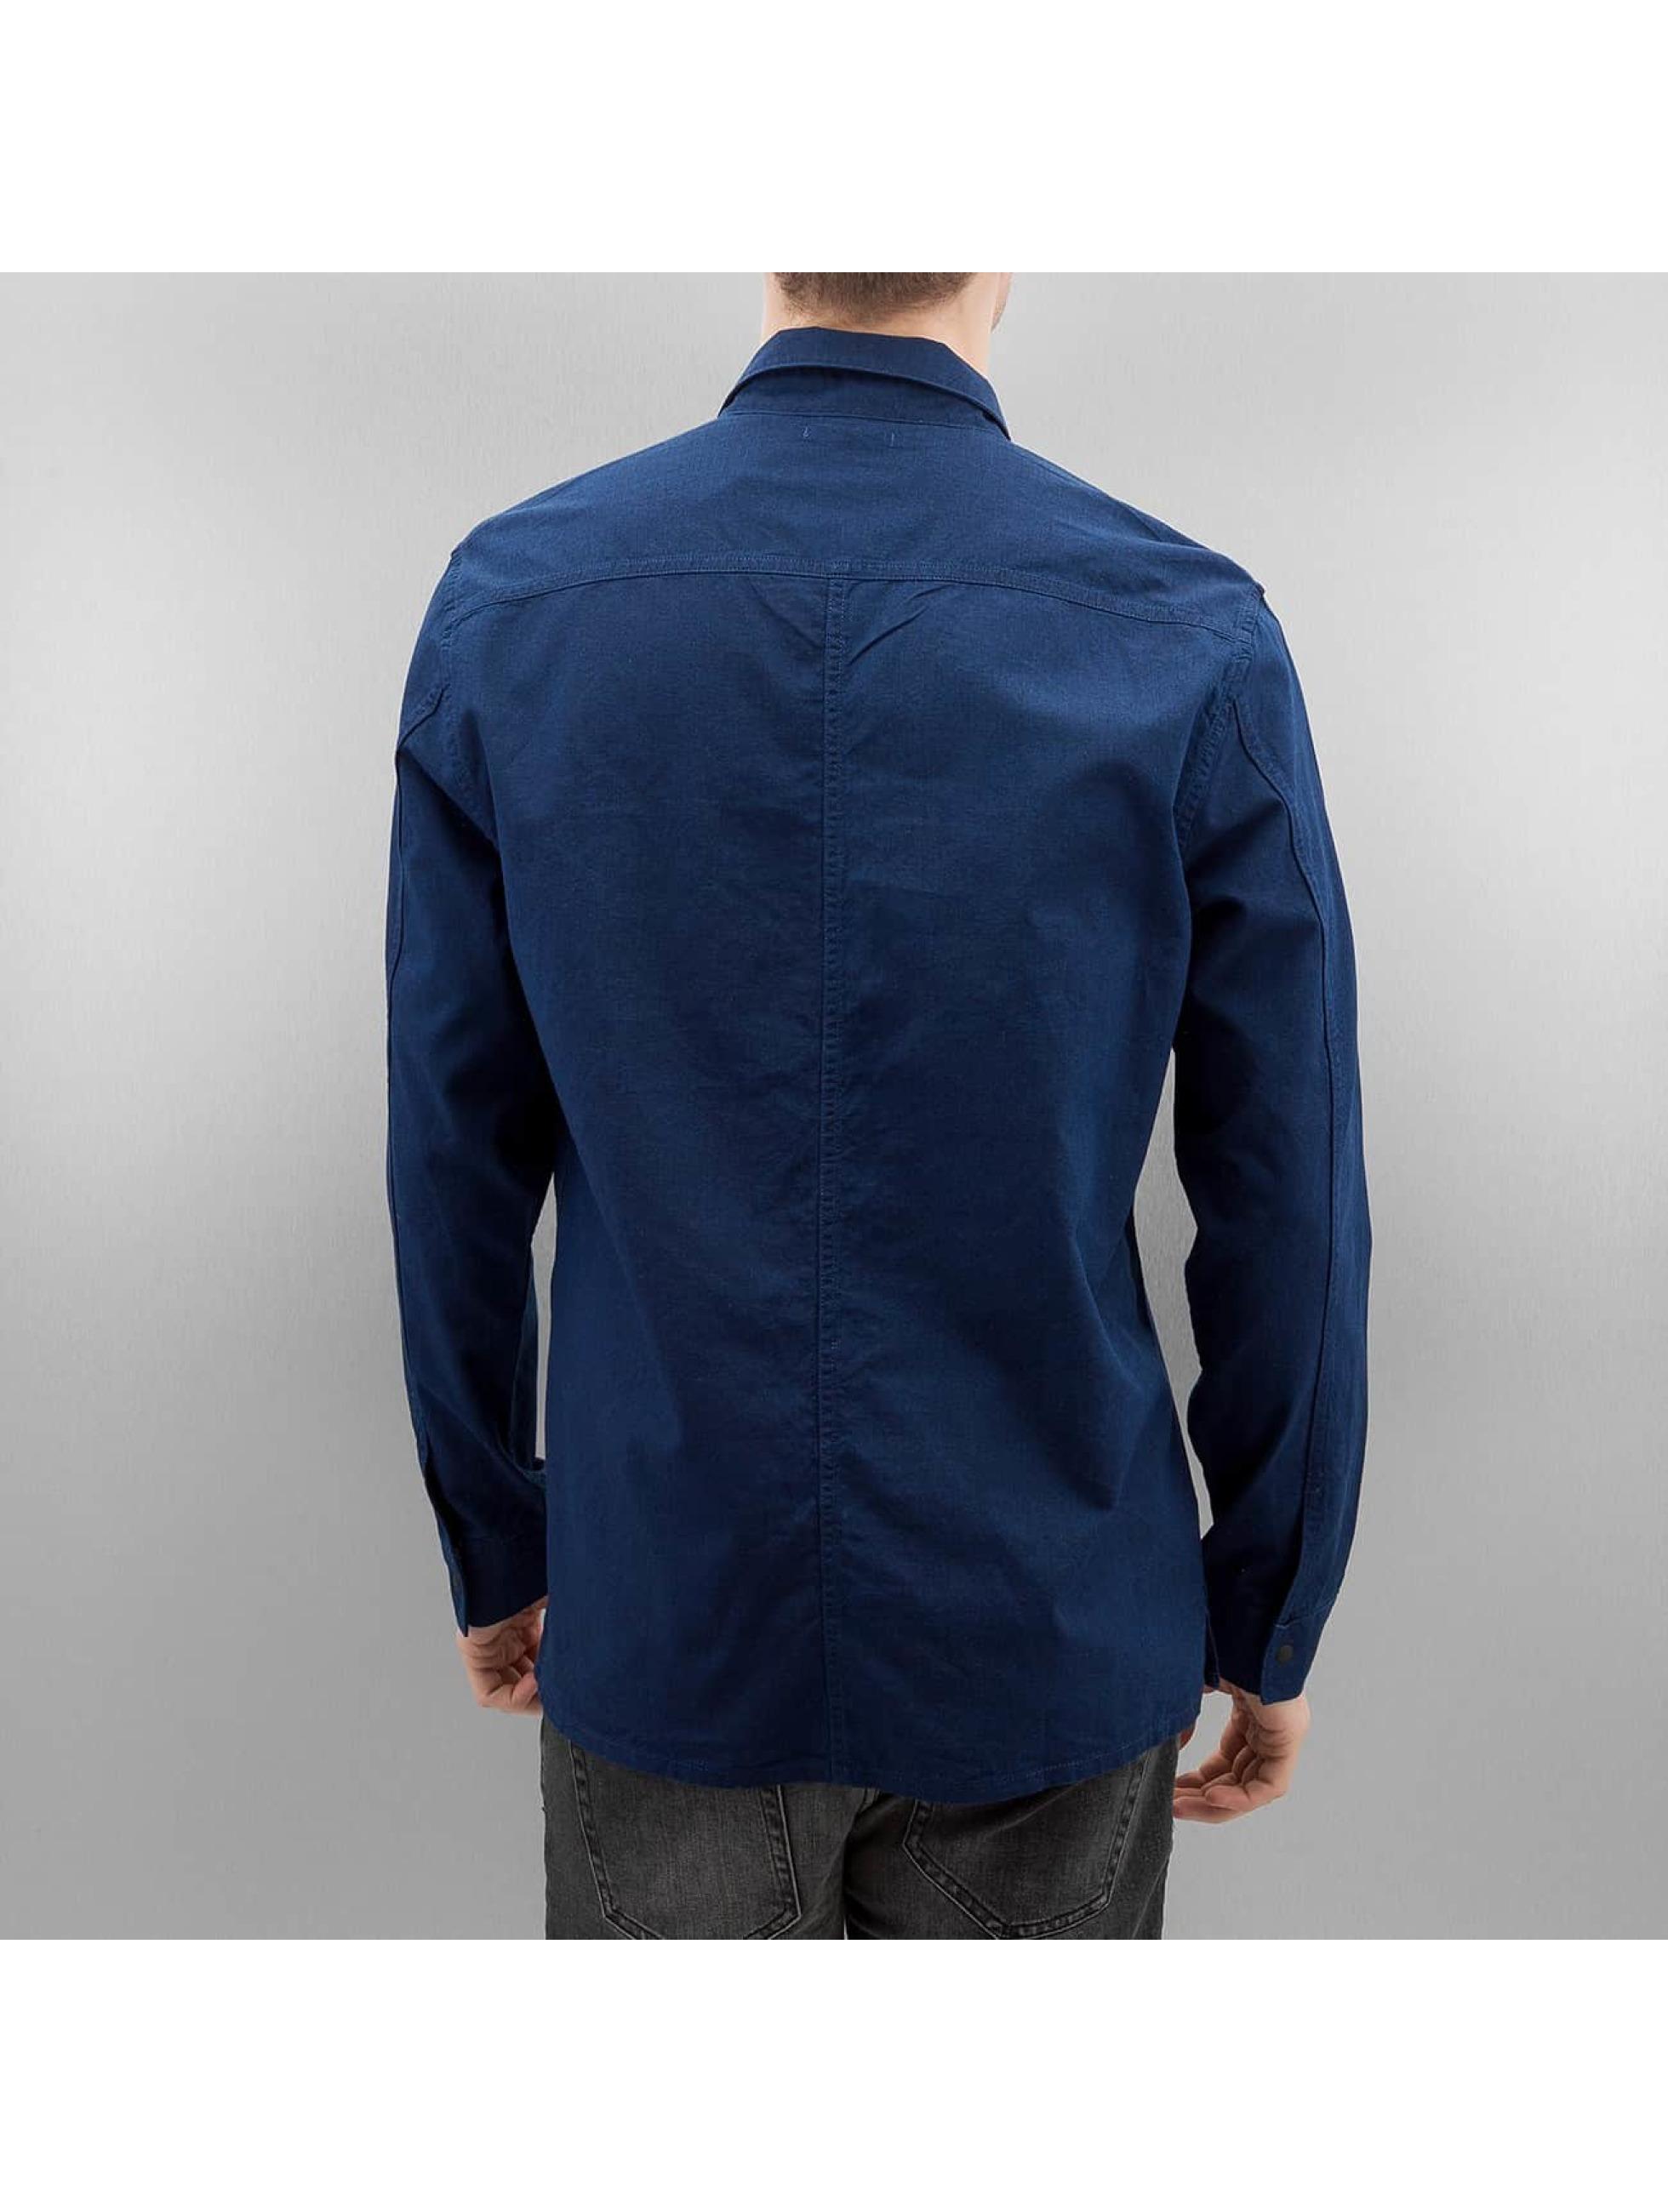 levi 39 s 8 pocket bleu homme t shirt manches longues levi 39 s acheter pas cher haut 335529. Black Bedroom Furniture Sets. Home Design Ideas